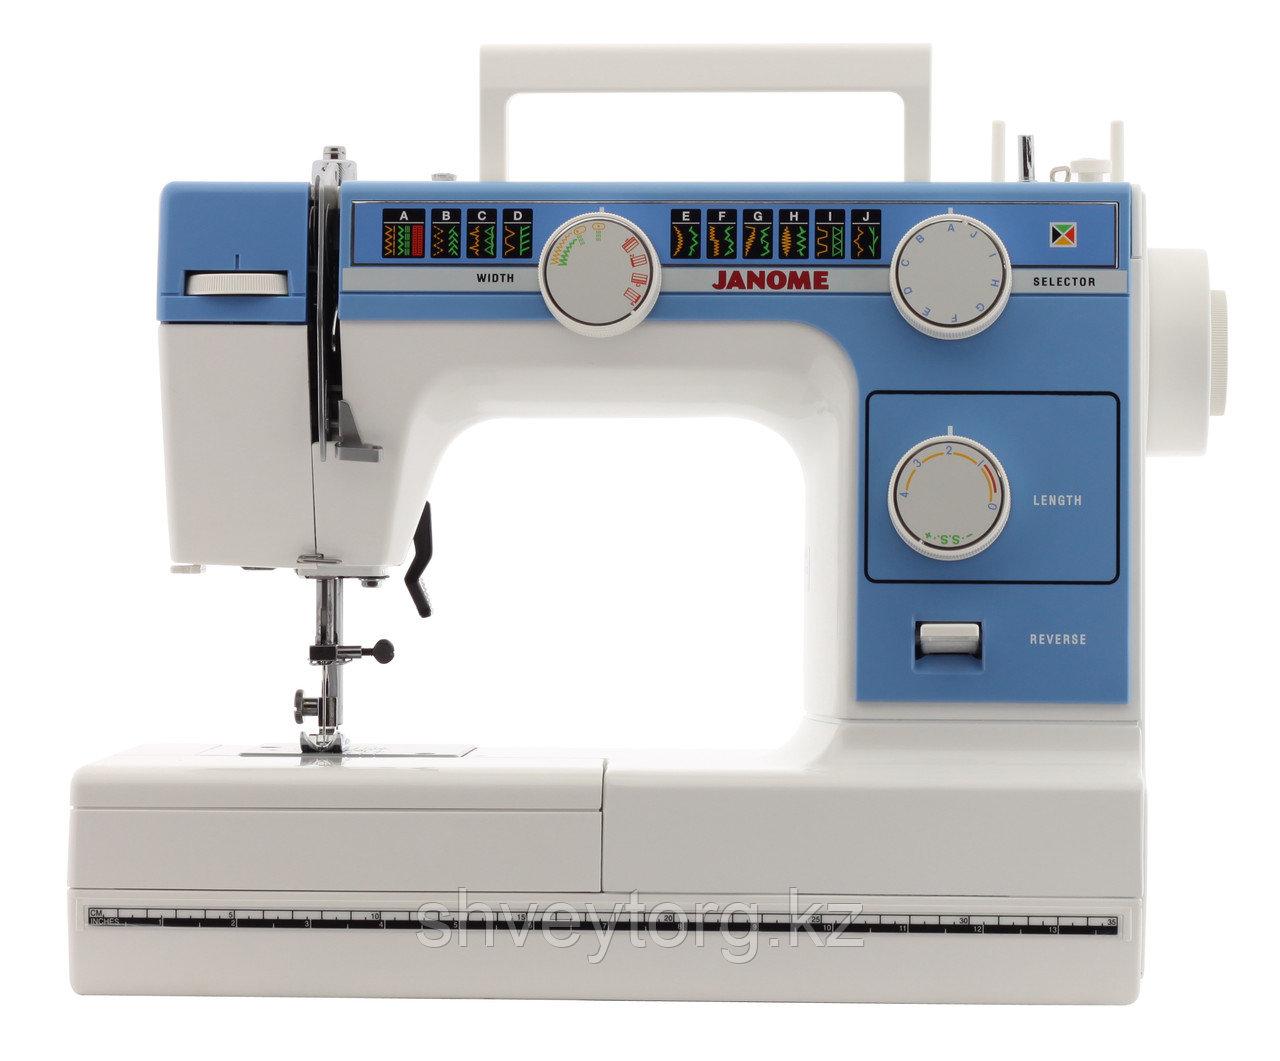 Бытовая швейная машина  Janome 395B